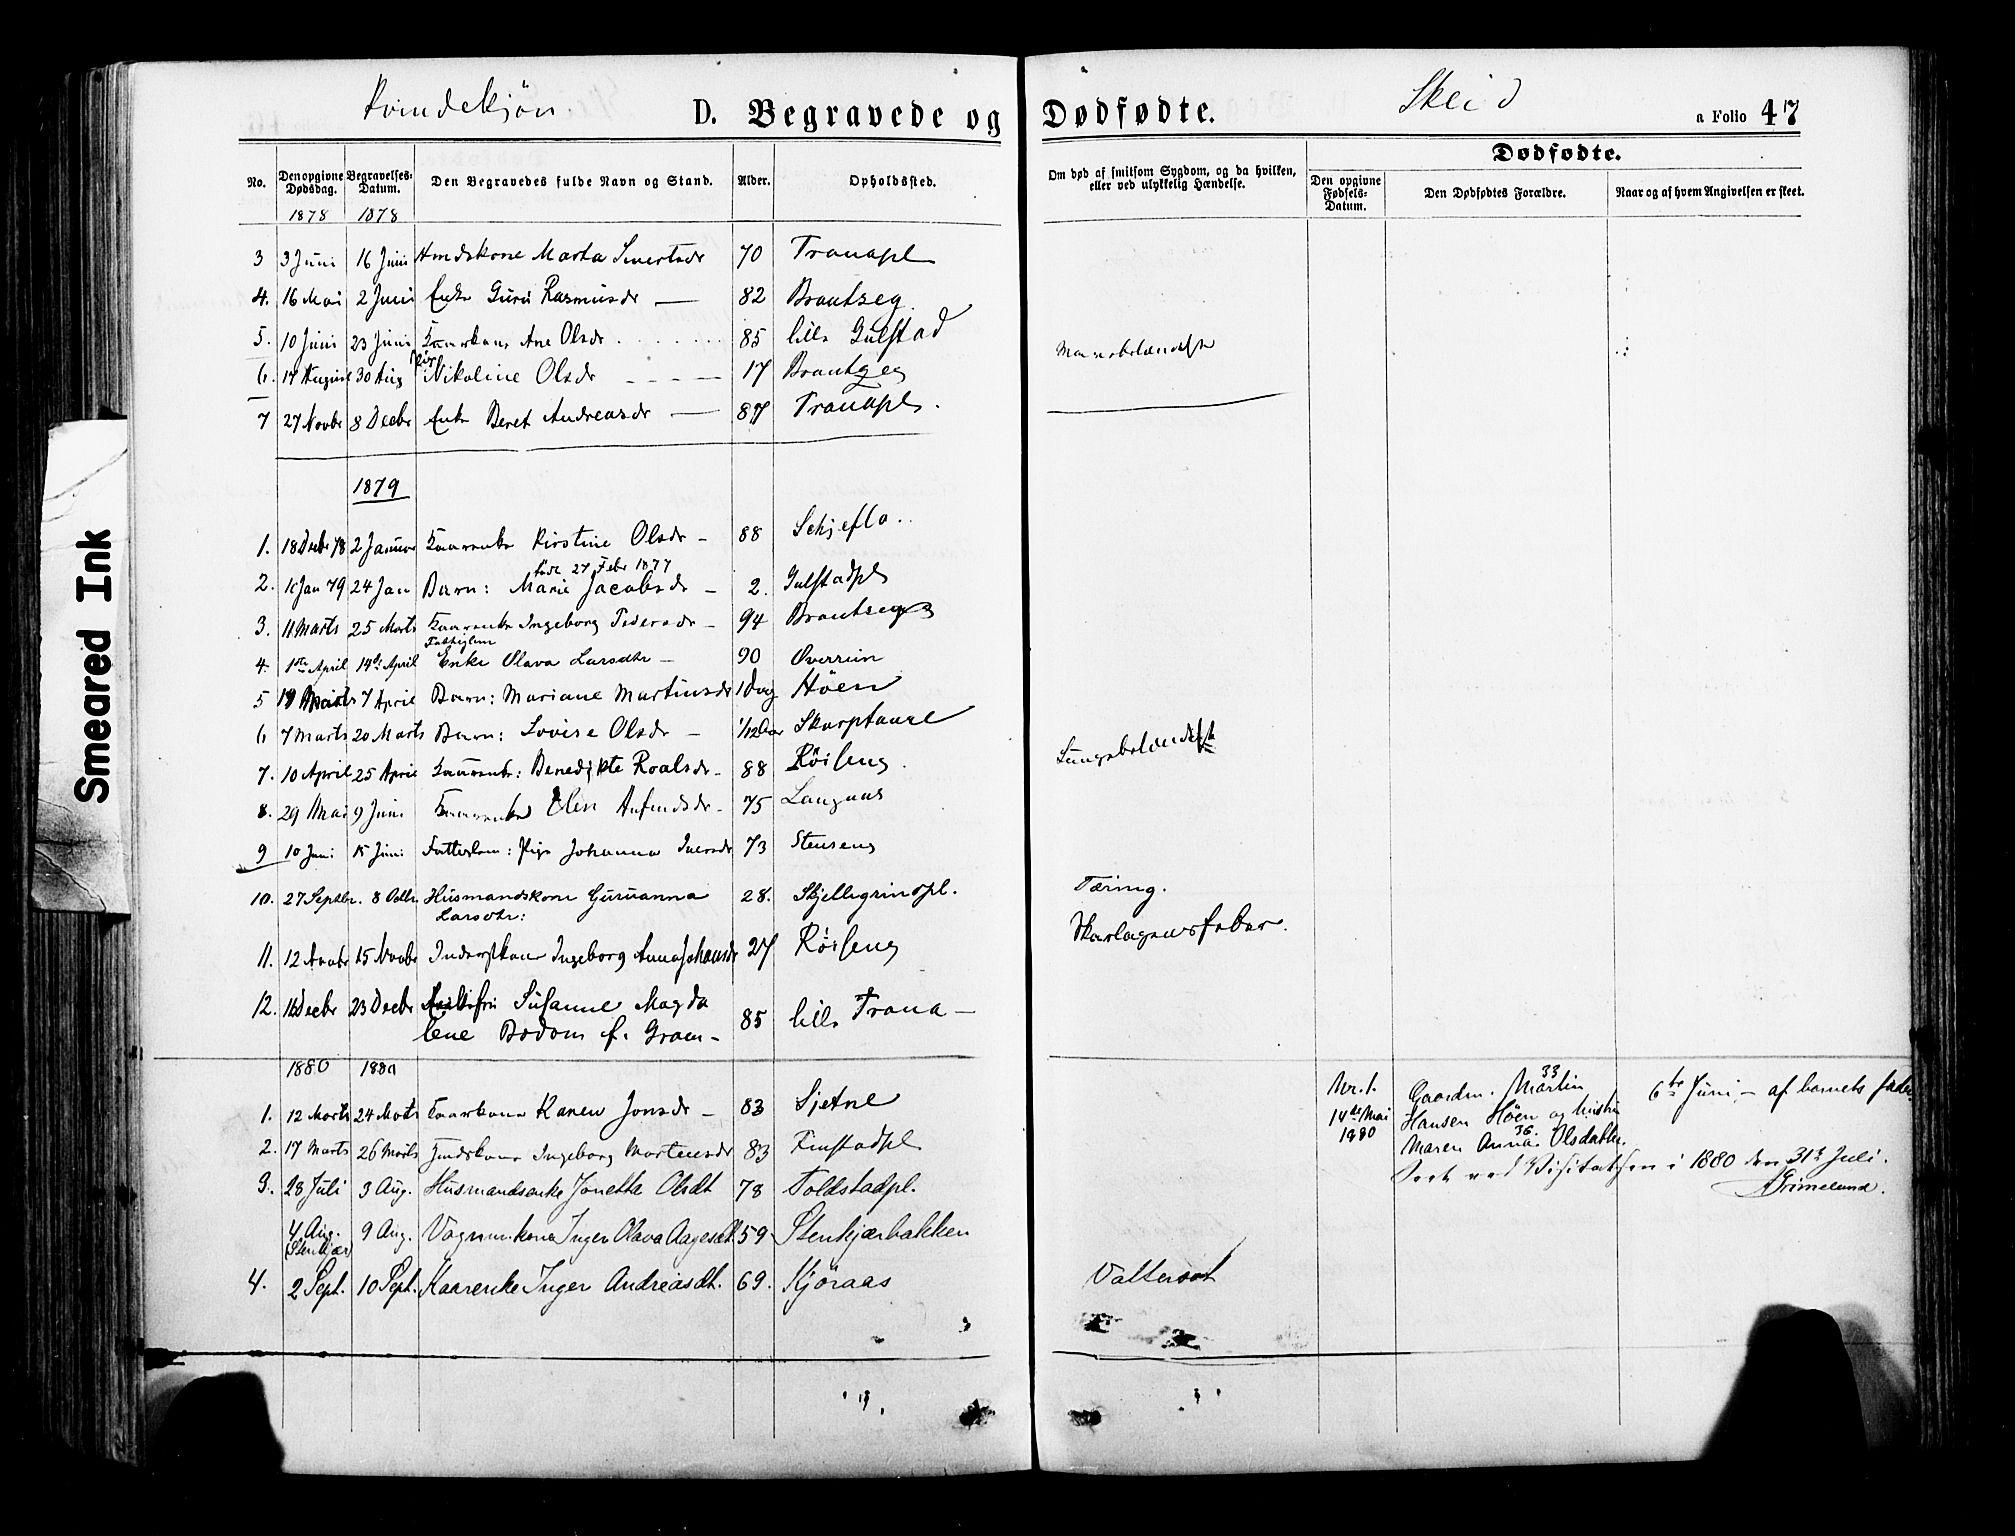 SAT, Ministerialprotokoller, klokkerbøker og fødselsregistre - Nord-Trøndelag, 735/L0348: Ministerialbok nr. 735A09 /2, 1873-1883, s. 47